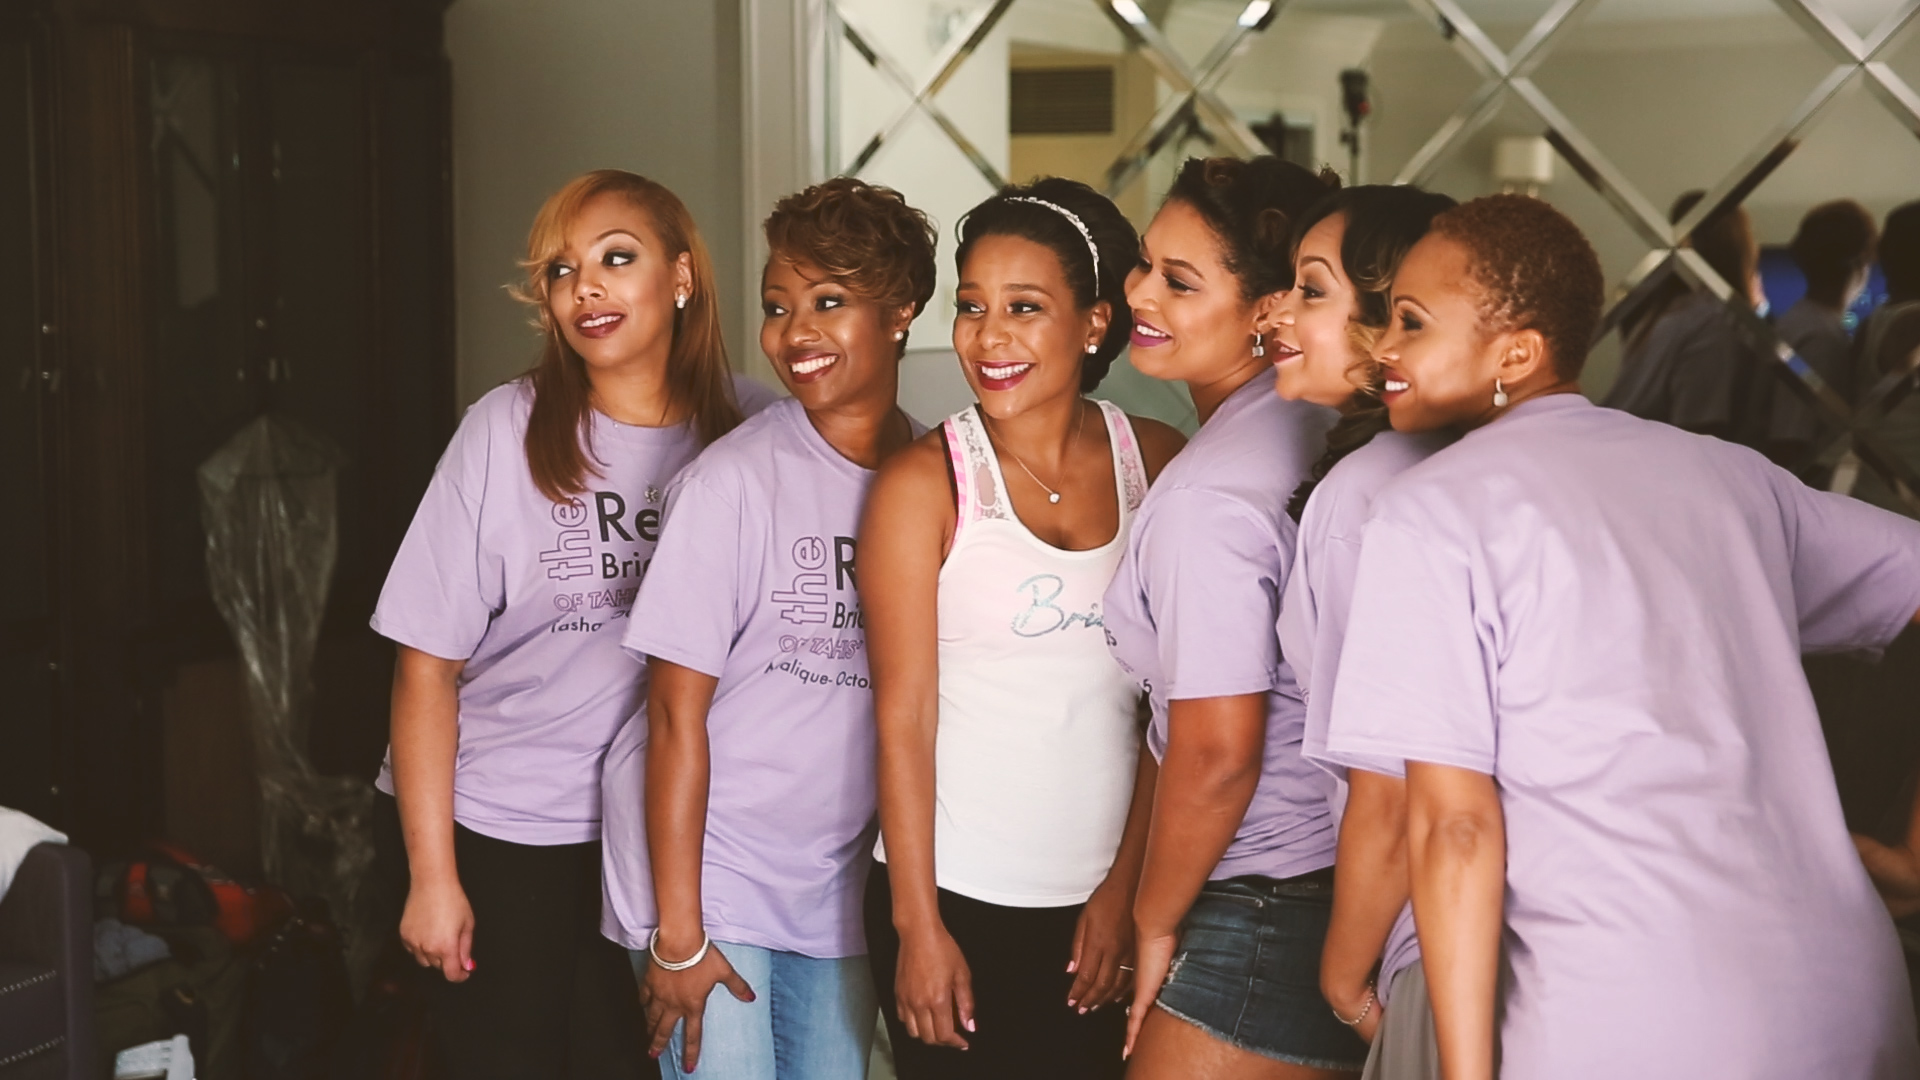 Fun matching bridesmaid T-shirts...